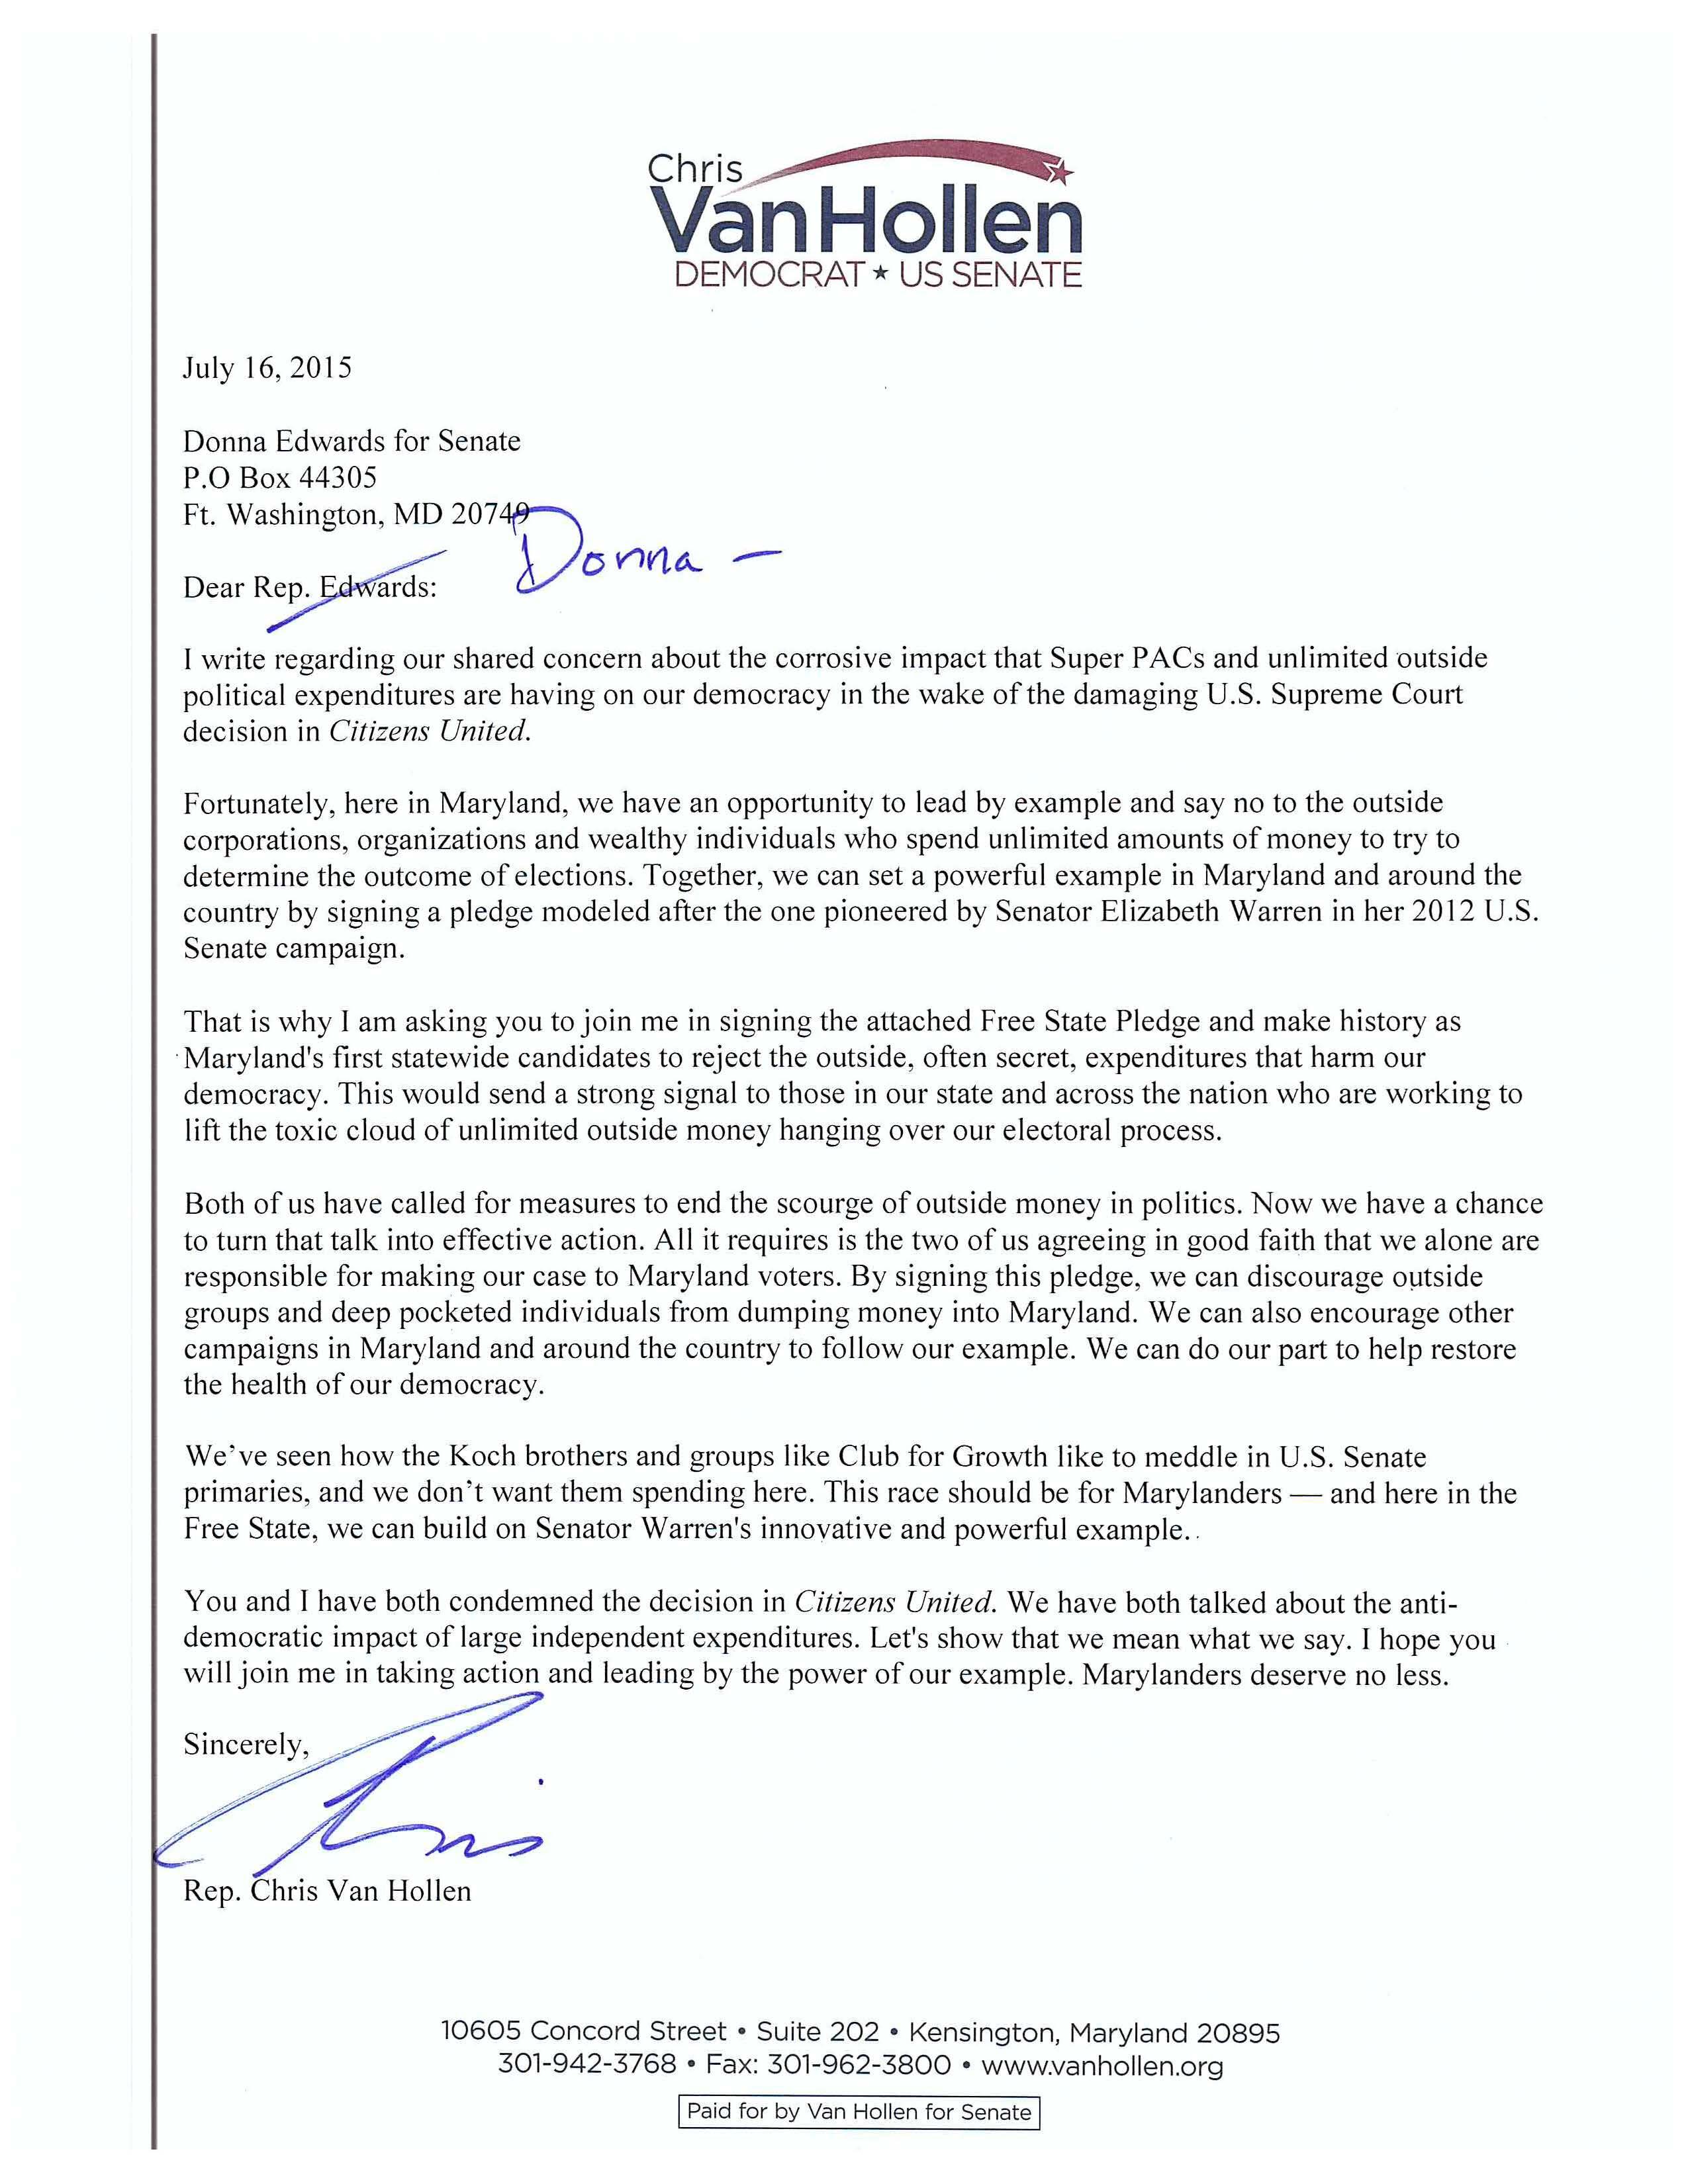 VH Letter